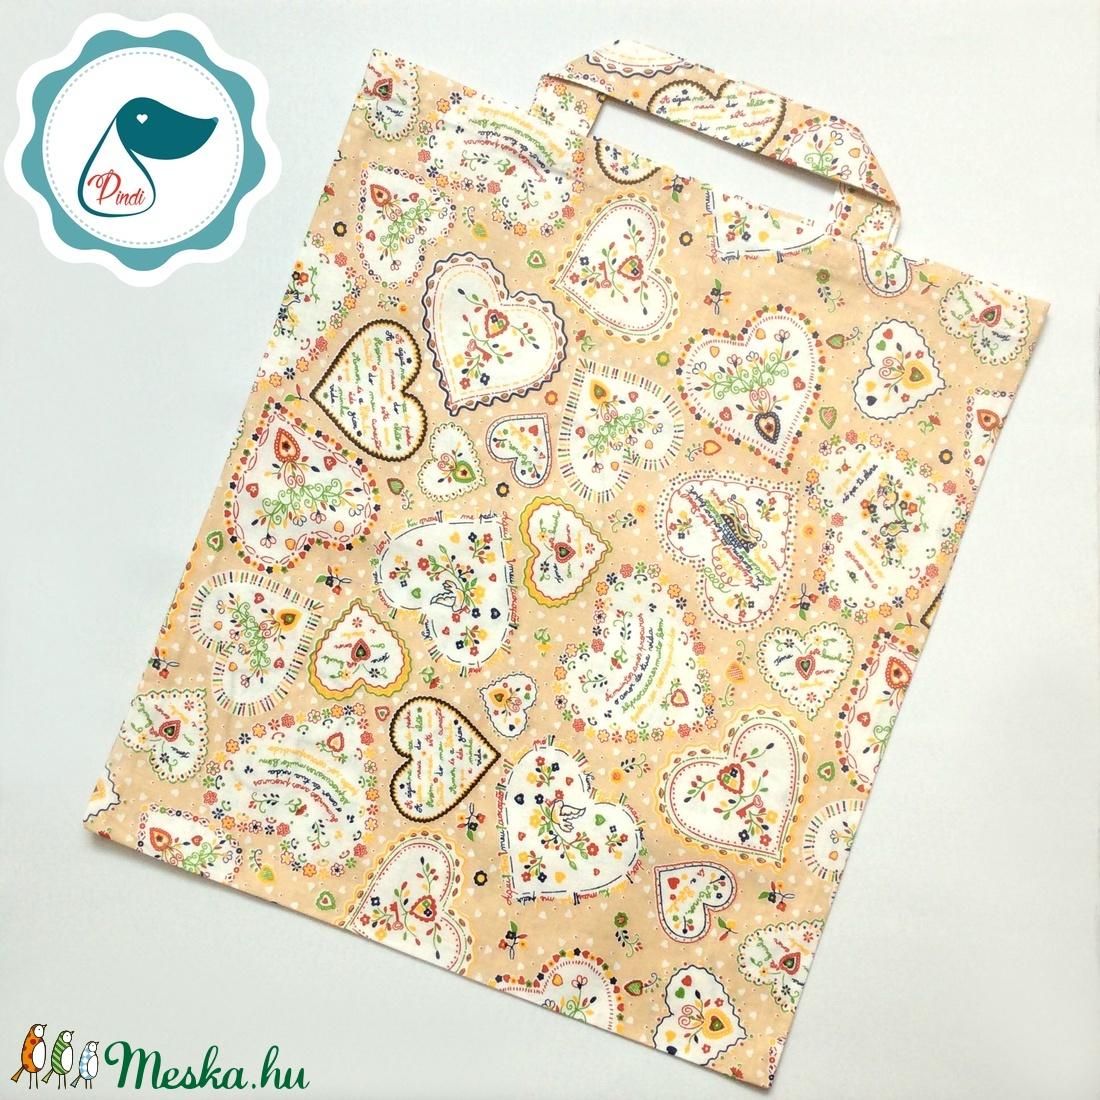 Szatyor - népi motívum mintás - bevásárló táska  - egyedi bevásárló szatyor - textil szatyor - mosható szatyor - táska & tok - bevásárlás & shopper táska - shopper, textiltáska, szatyor - Meska.hu